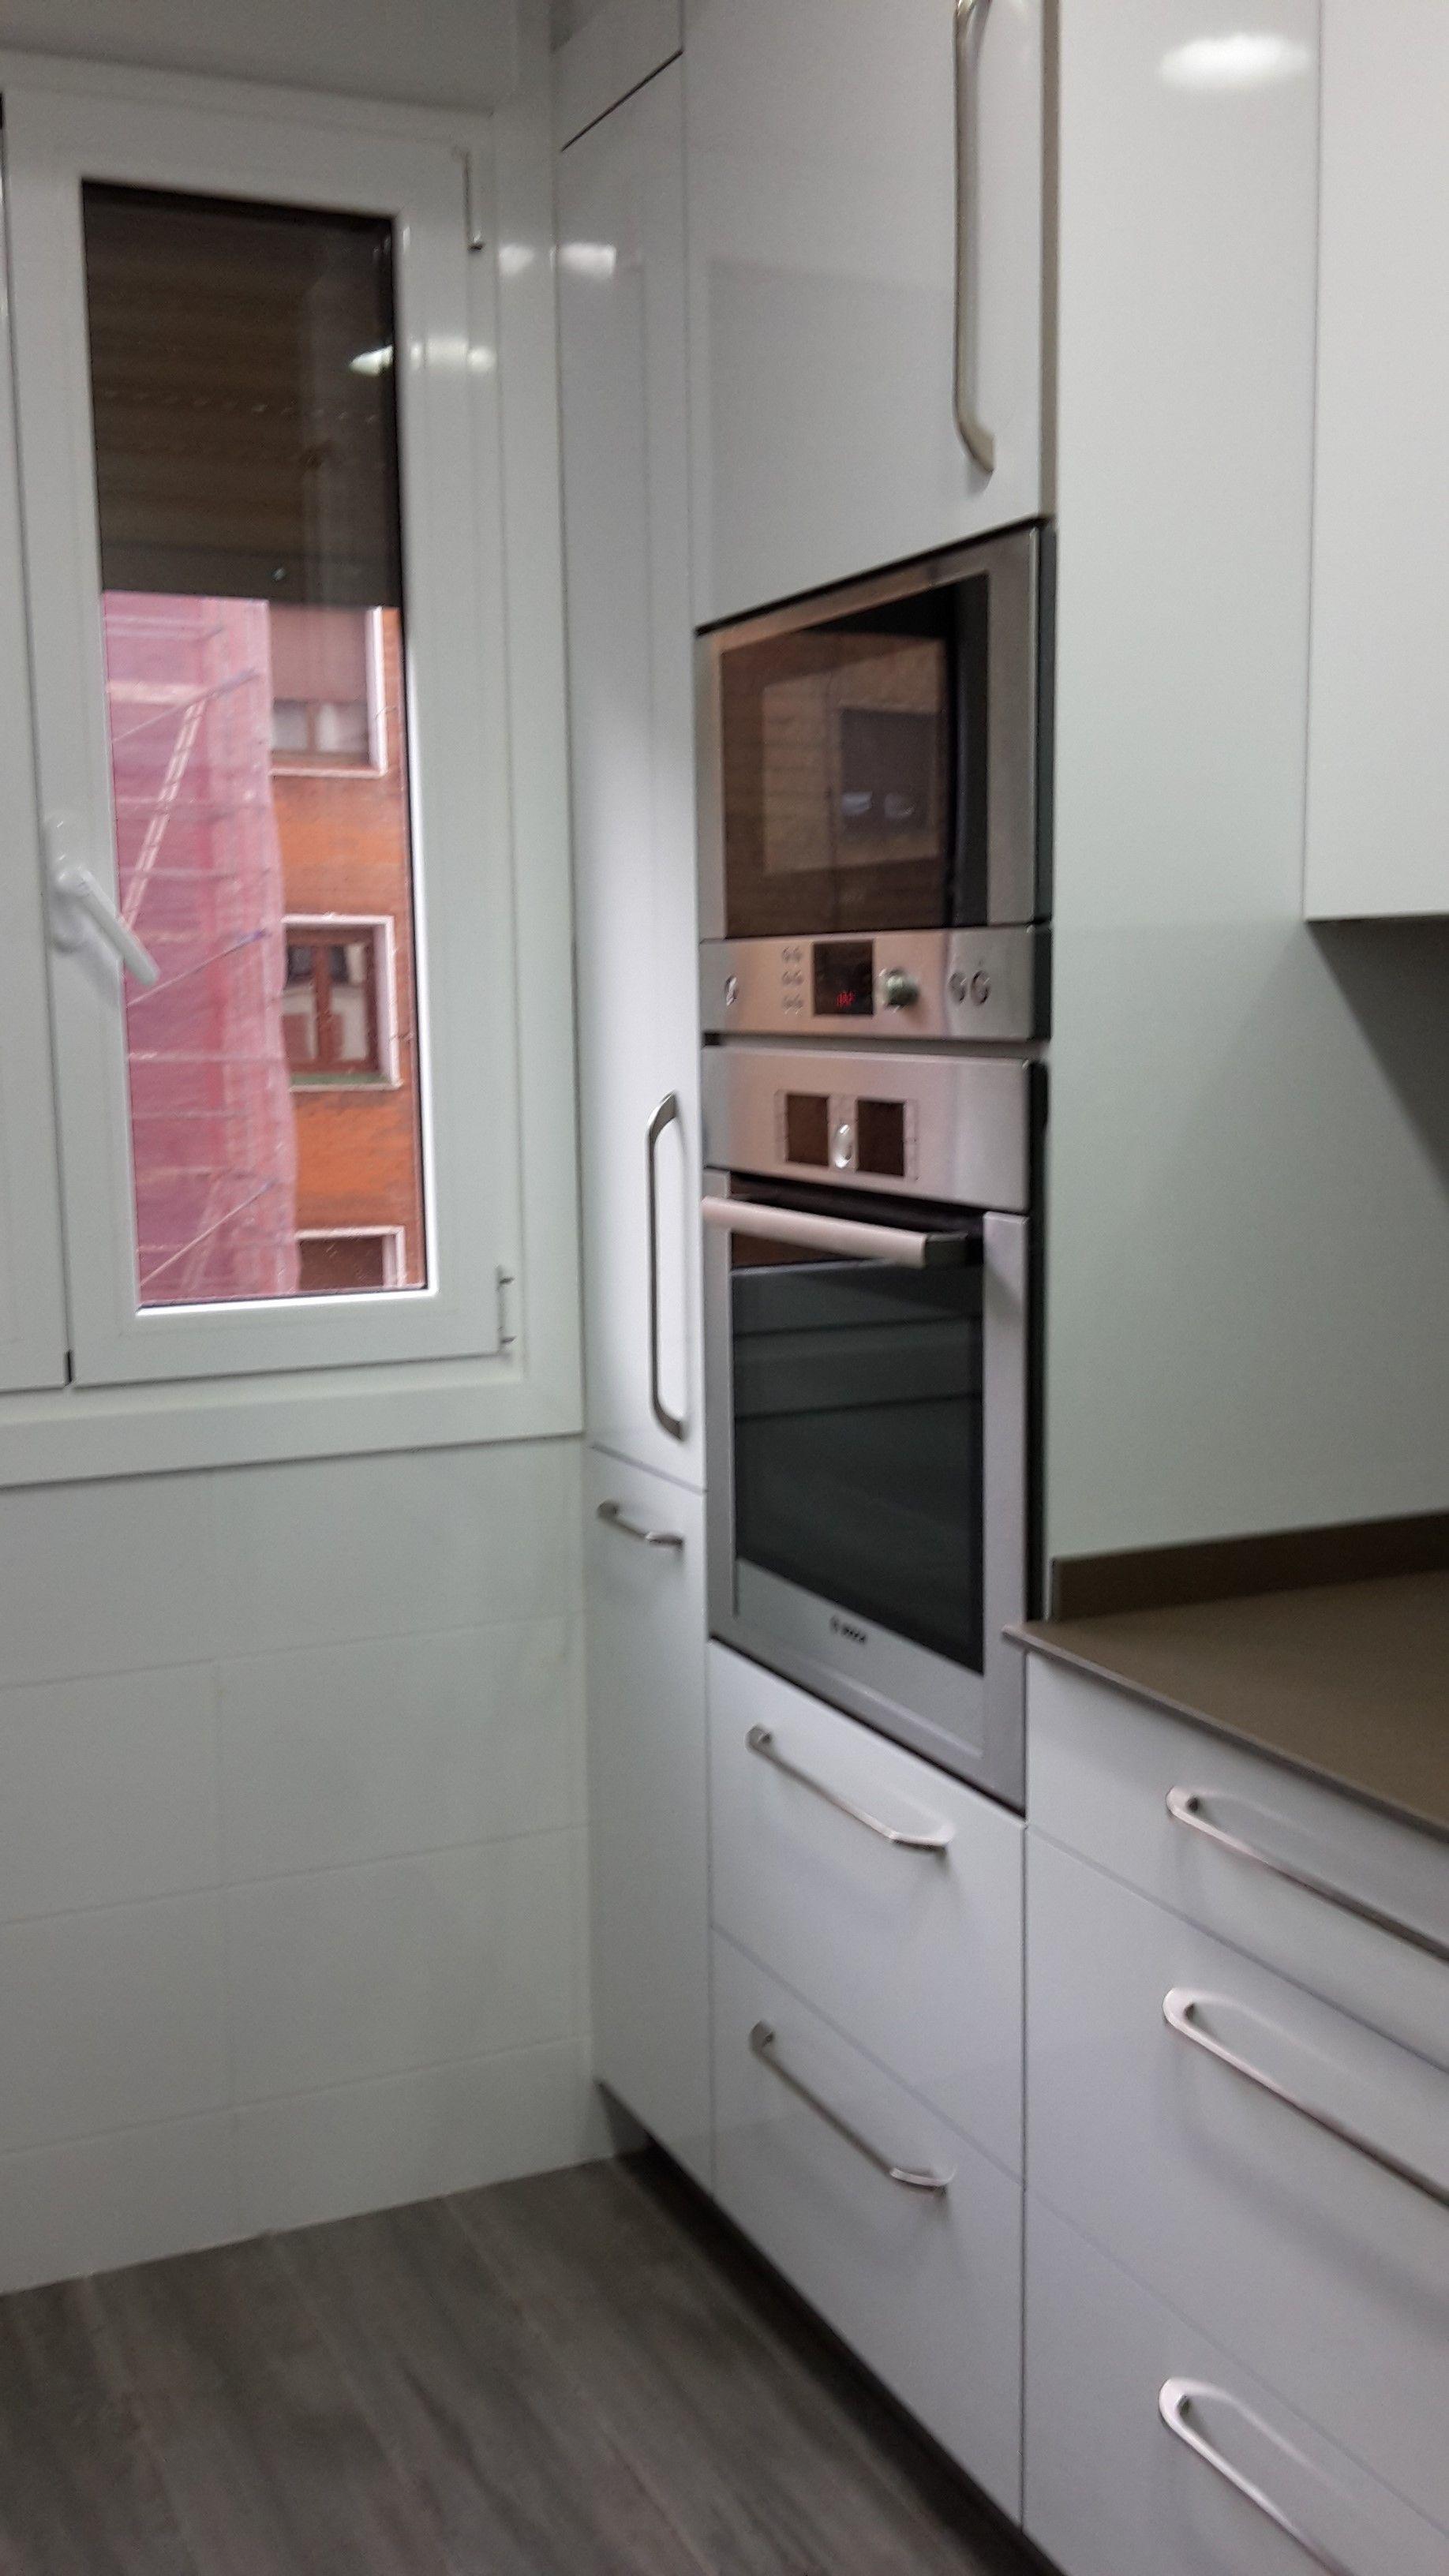 Columna horno microondas la cocina de mis sue os for Hornos para cocinas pequenas